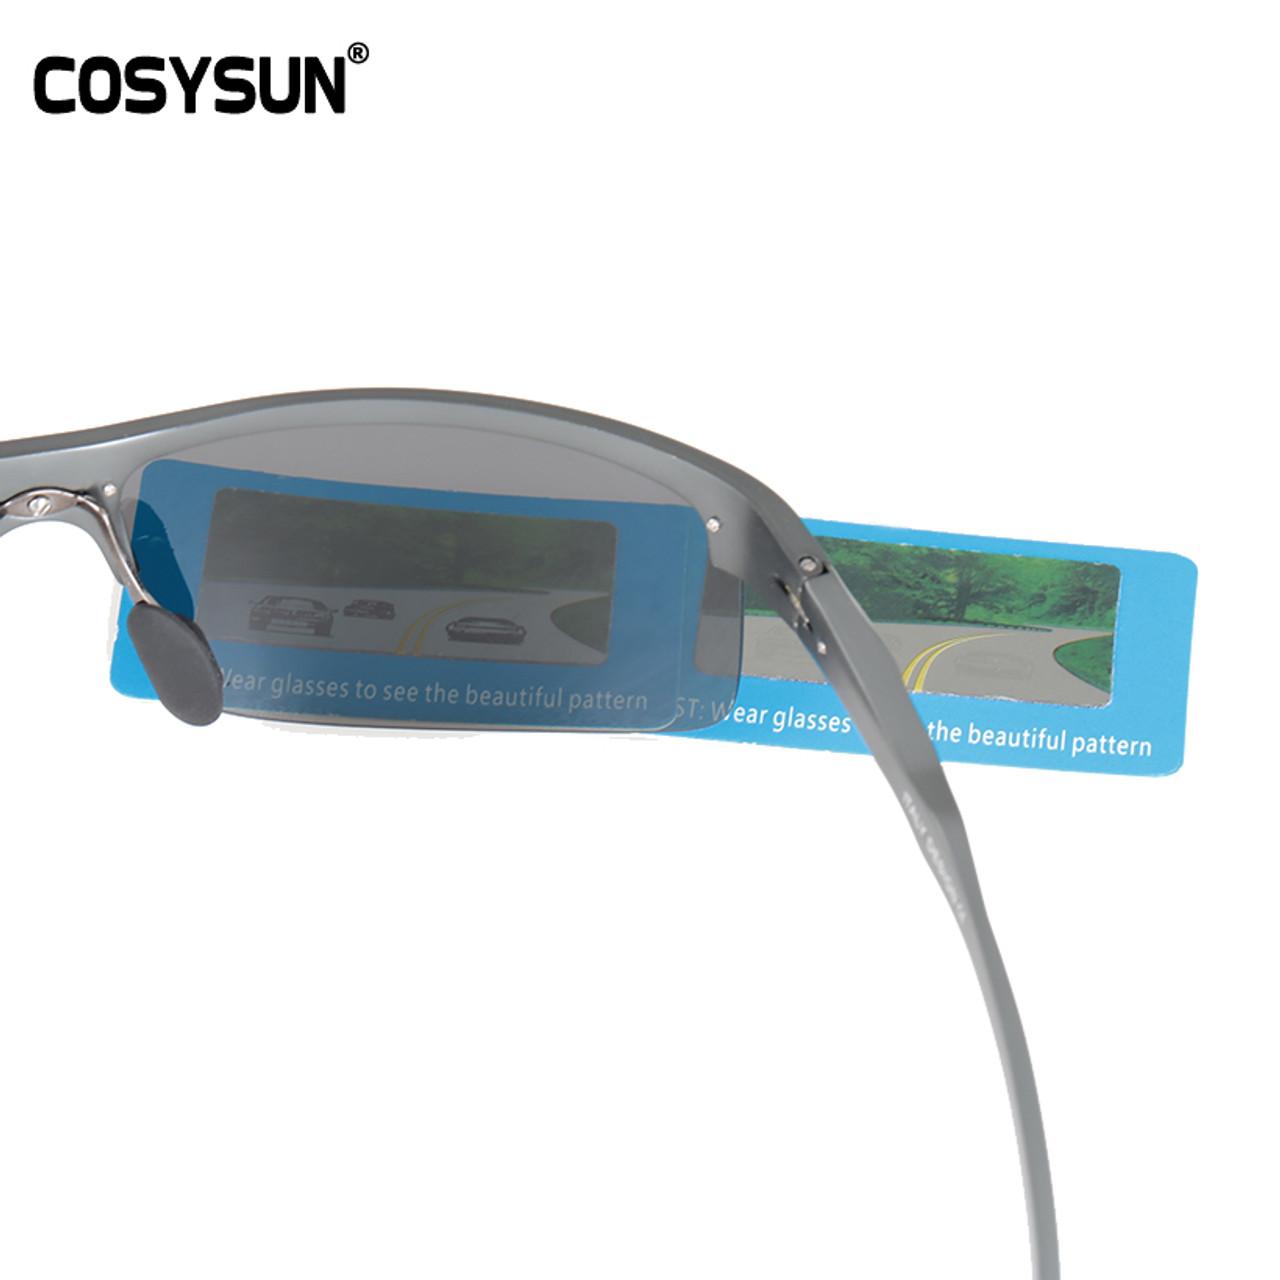 4b6e33268c7 ... COSYSUN Brand Aluminum Polarized Sunglasses Men Sports Sun Glasses  Driving Glasses Mirror Goggle Eyewear oculos de ...